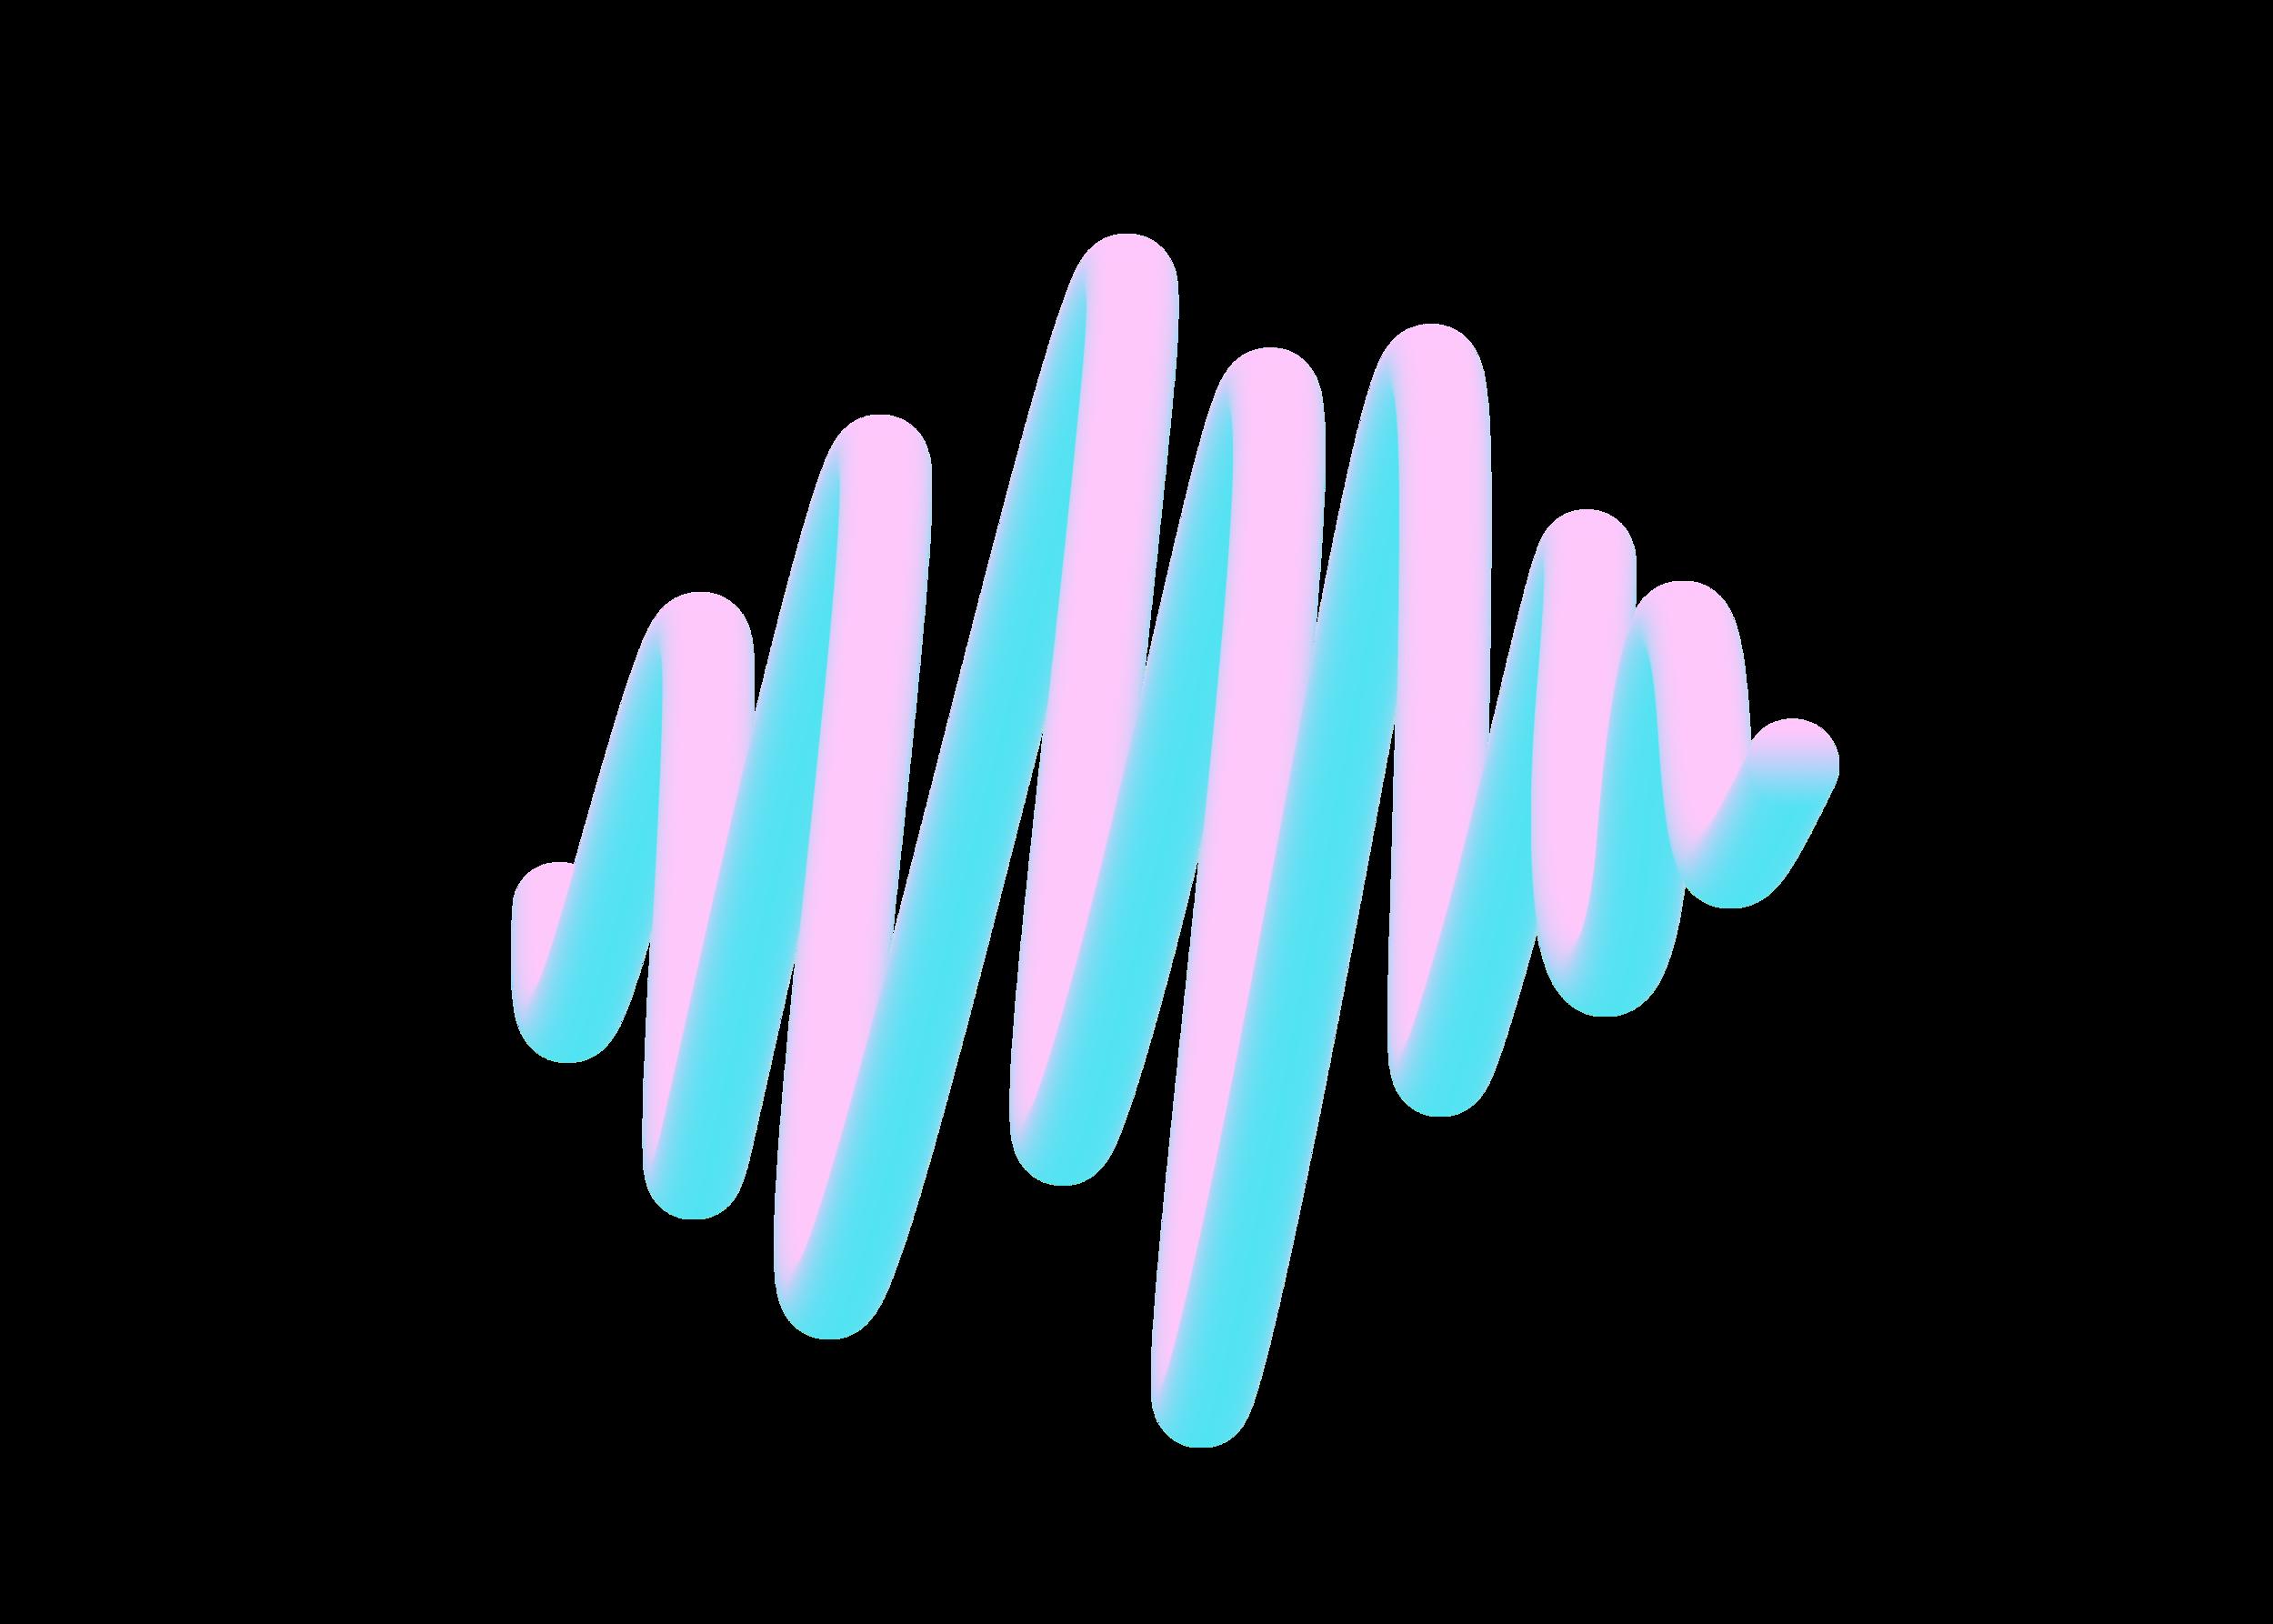 waveform1_transparent.png